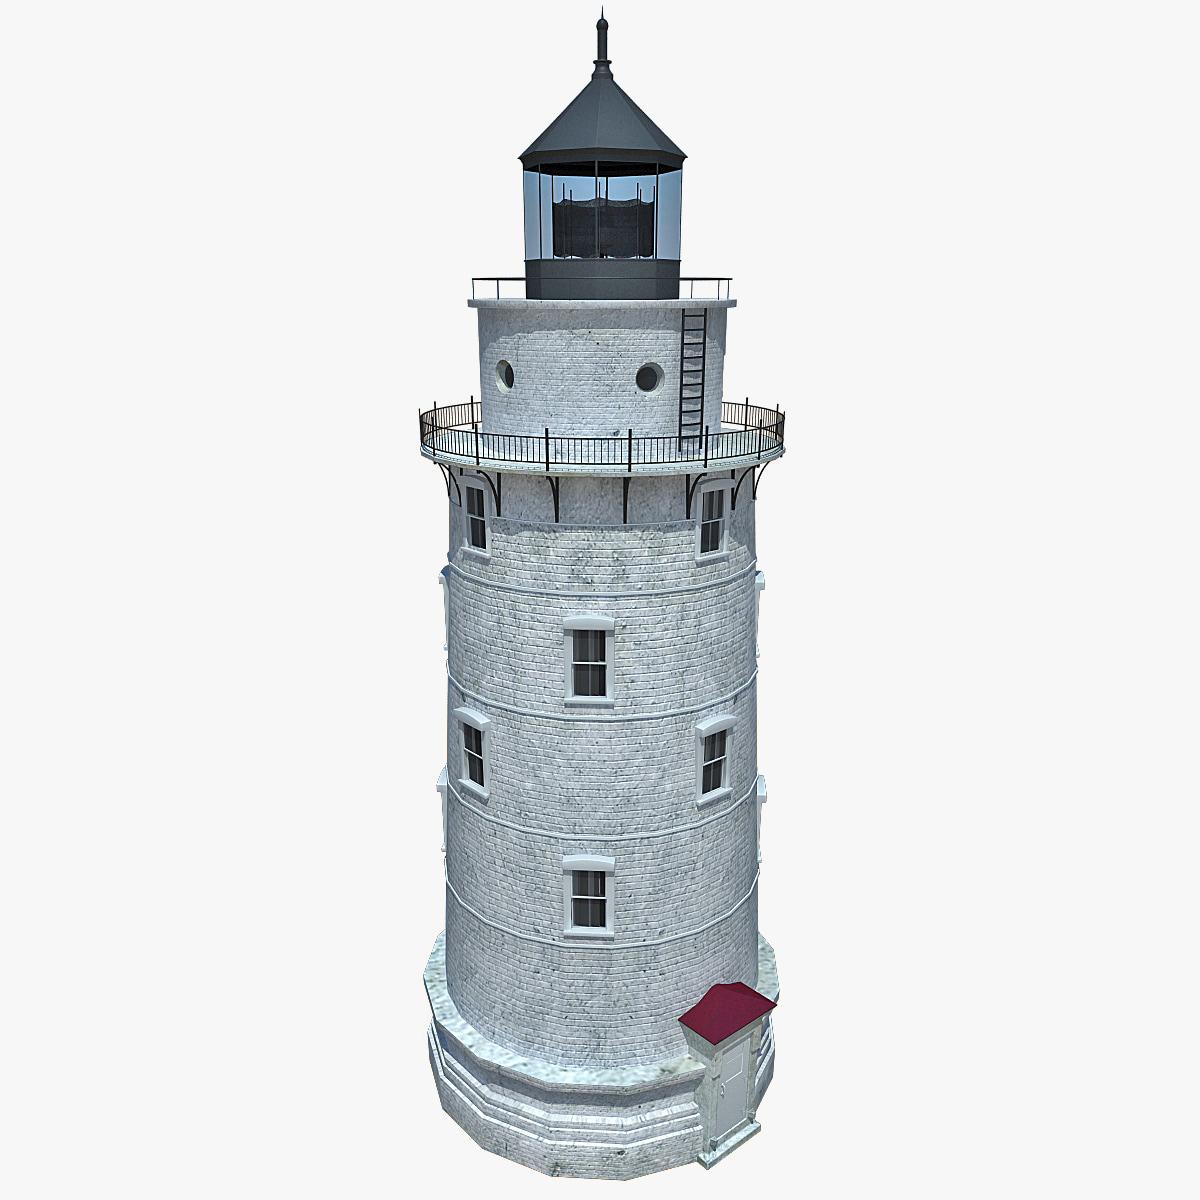 Lighthouse_V6_000.jpg